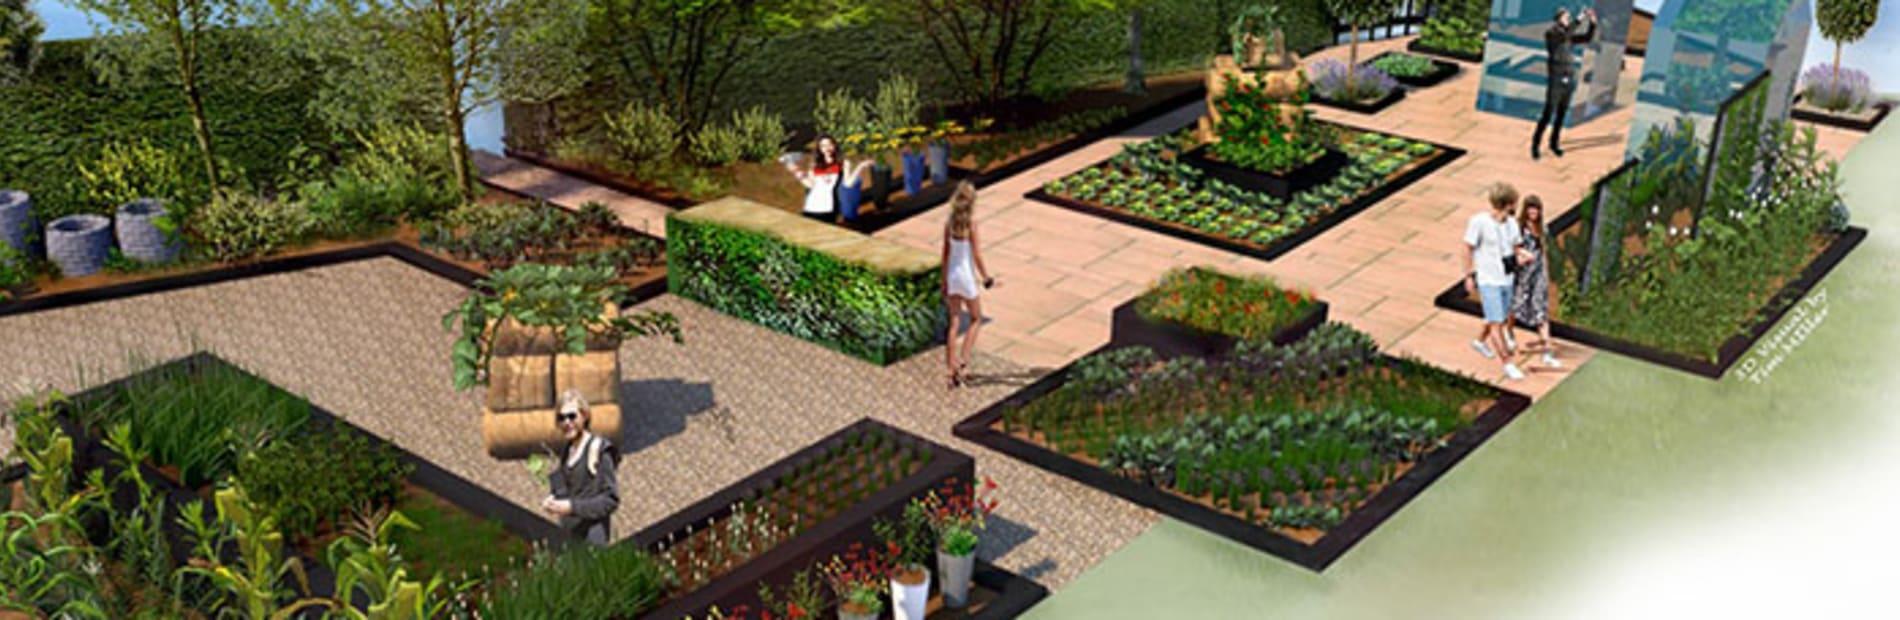 expert tips on creating an edible garden